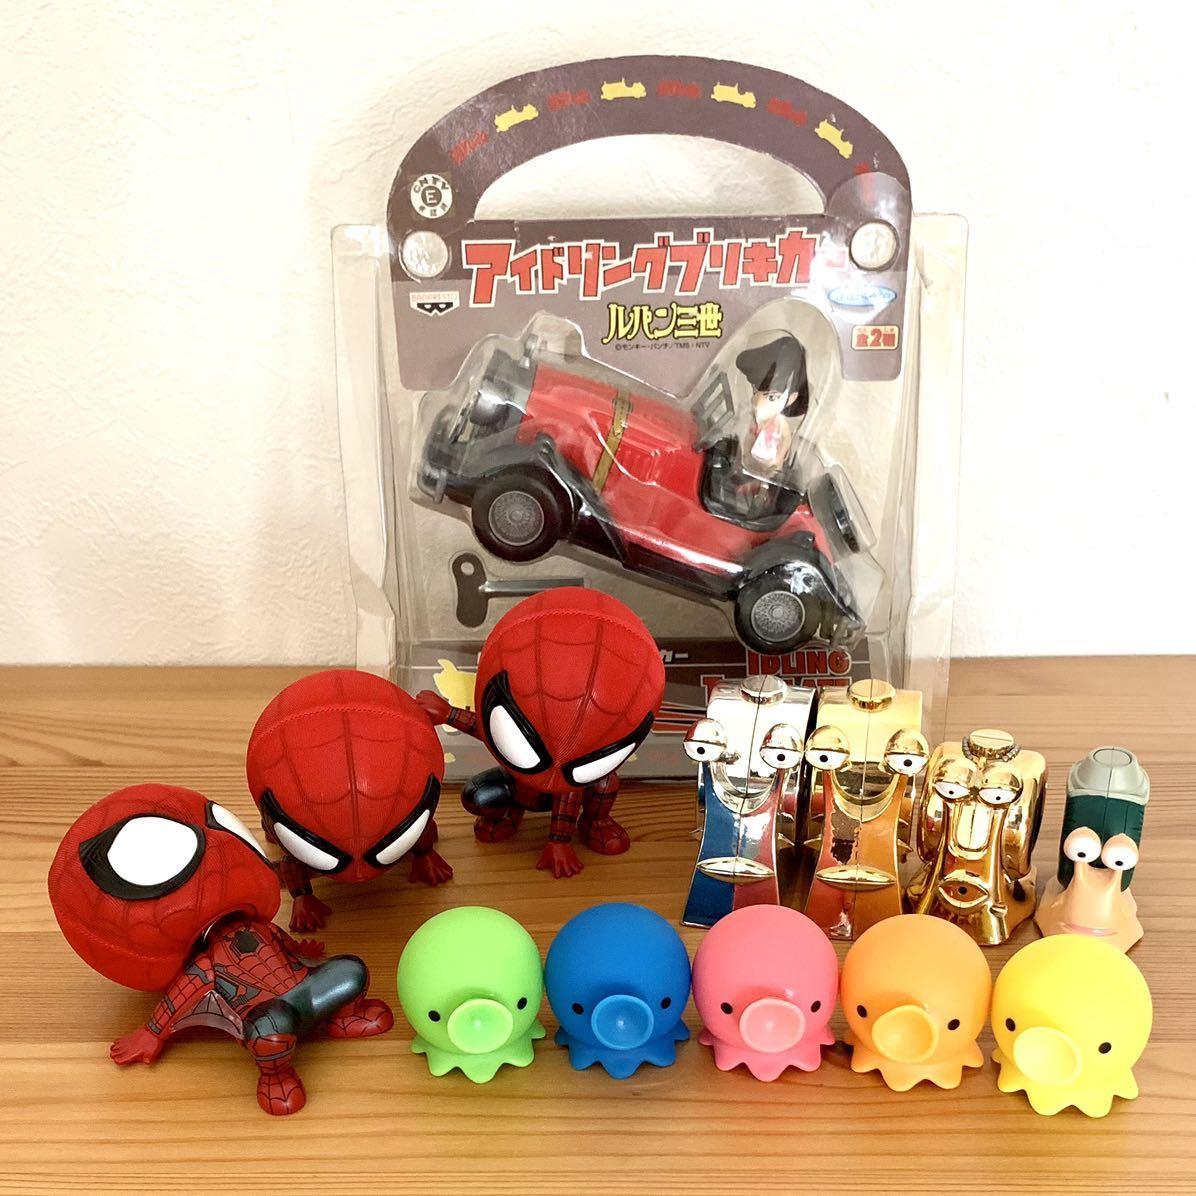 スパイダーマン ワンピース でんでん虫 ルパン三世 峰不二子 タコ フィギュア おもちゃ_画像1